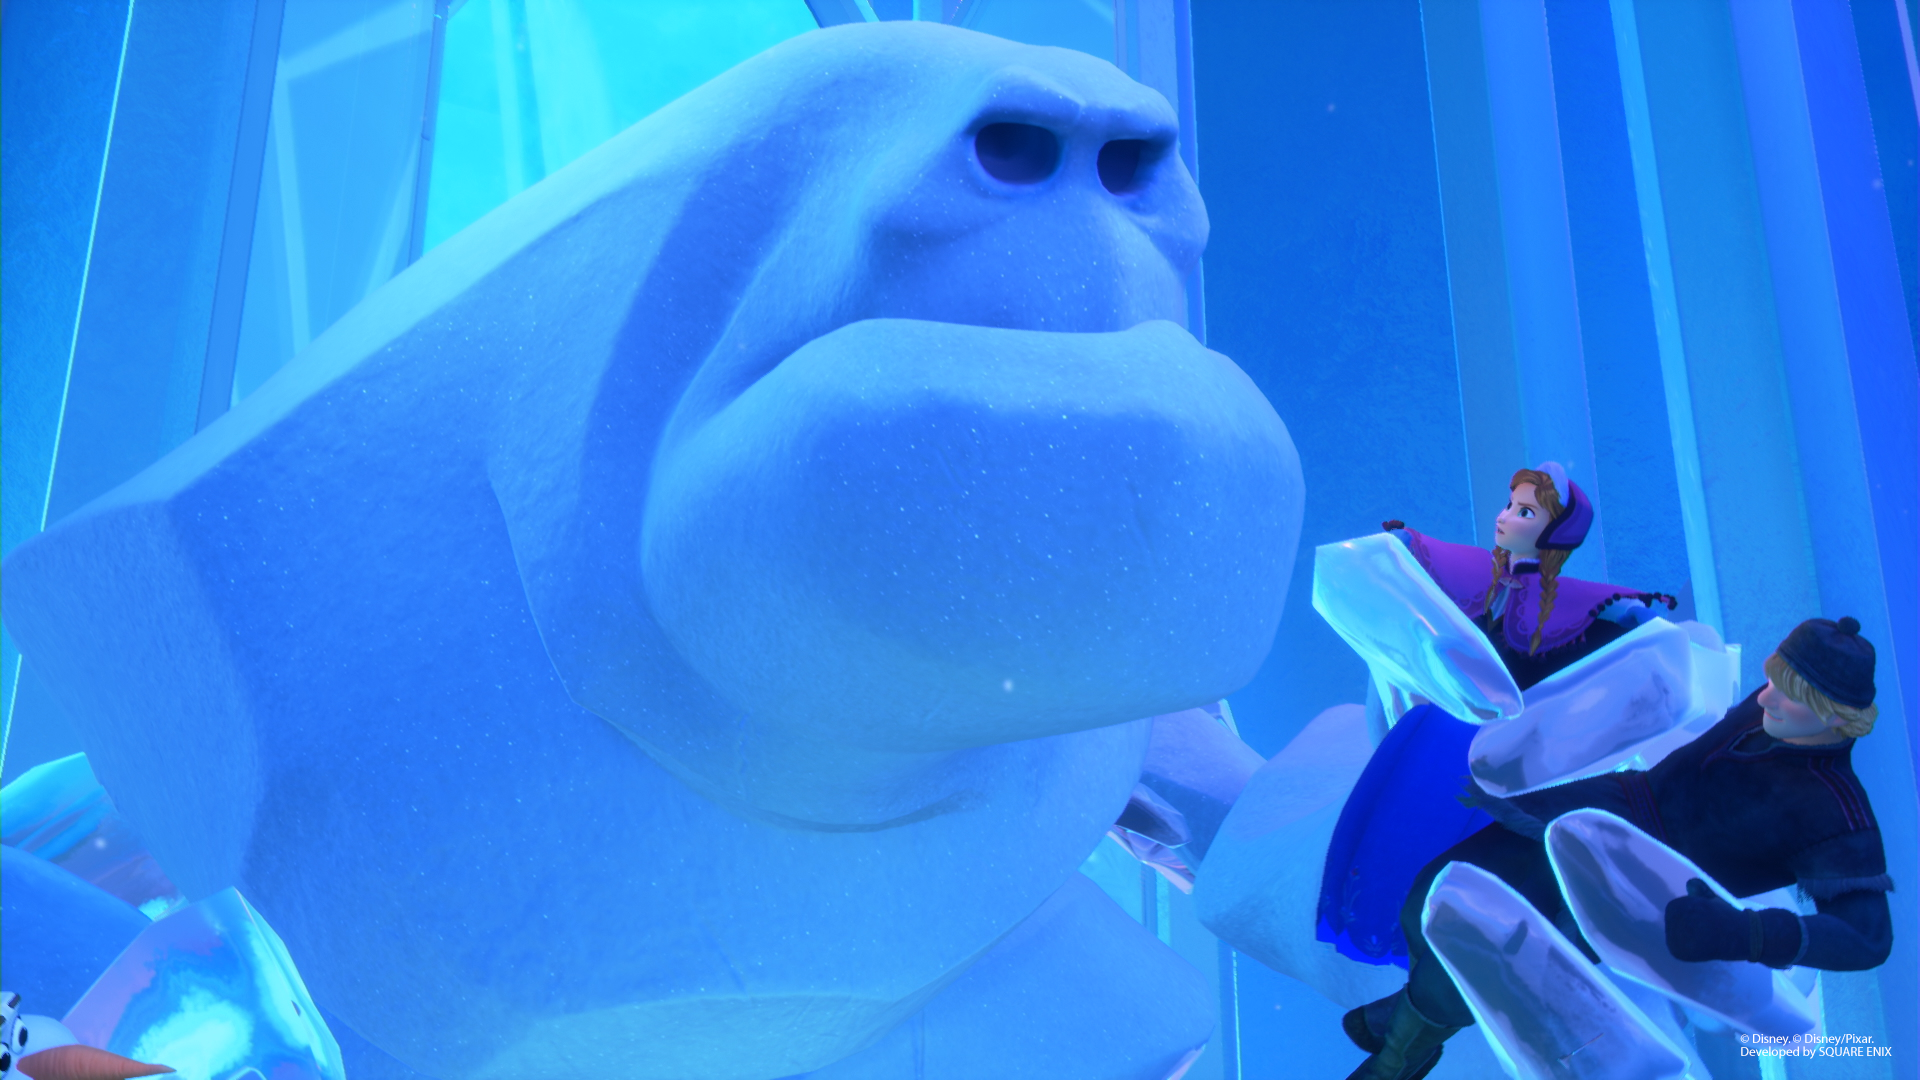 Auch in Kingdom Hearts III wird Arendelle von riesigen Schneemonster bevölkert.